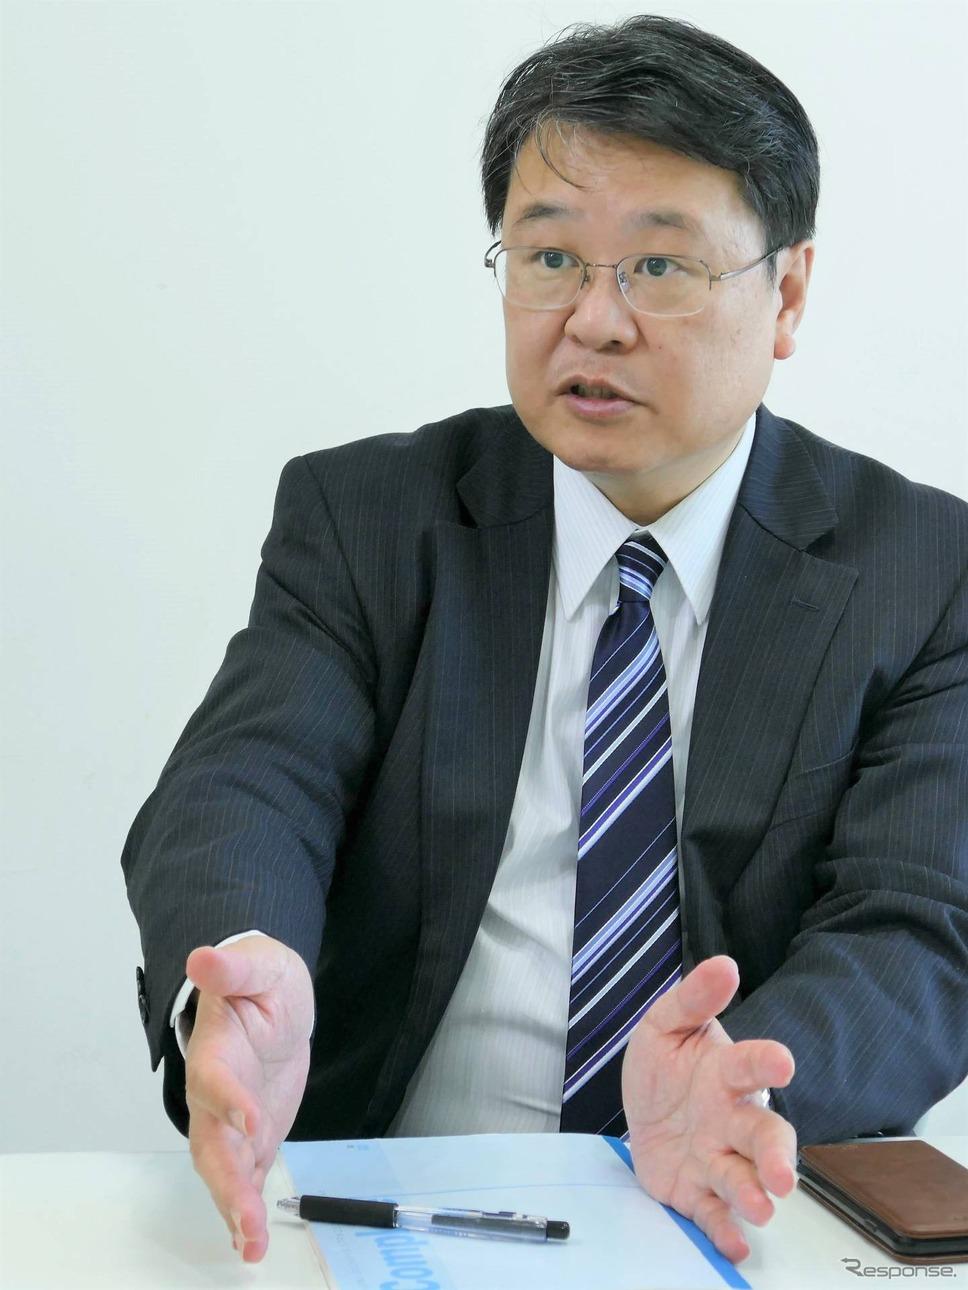 株式会社ネットスターズ 執行役員の大竹口隆氏